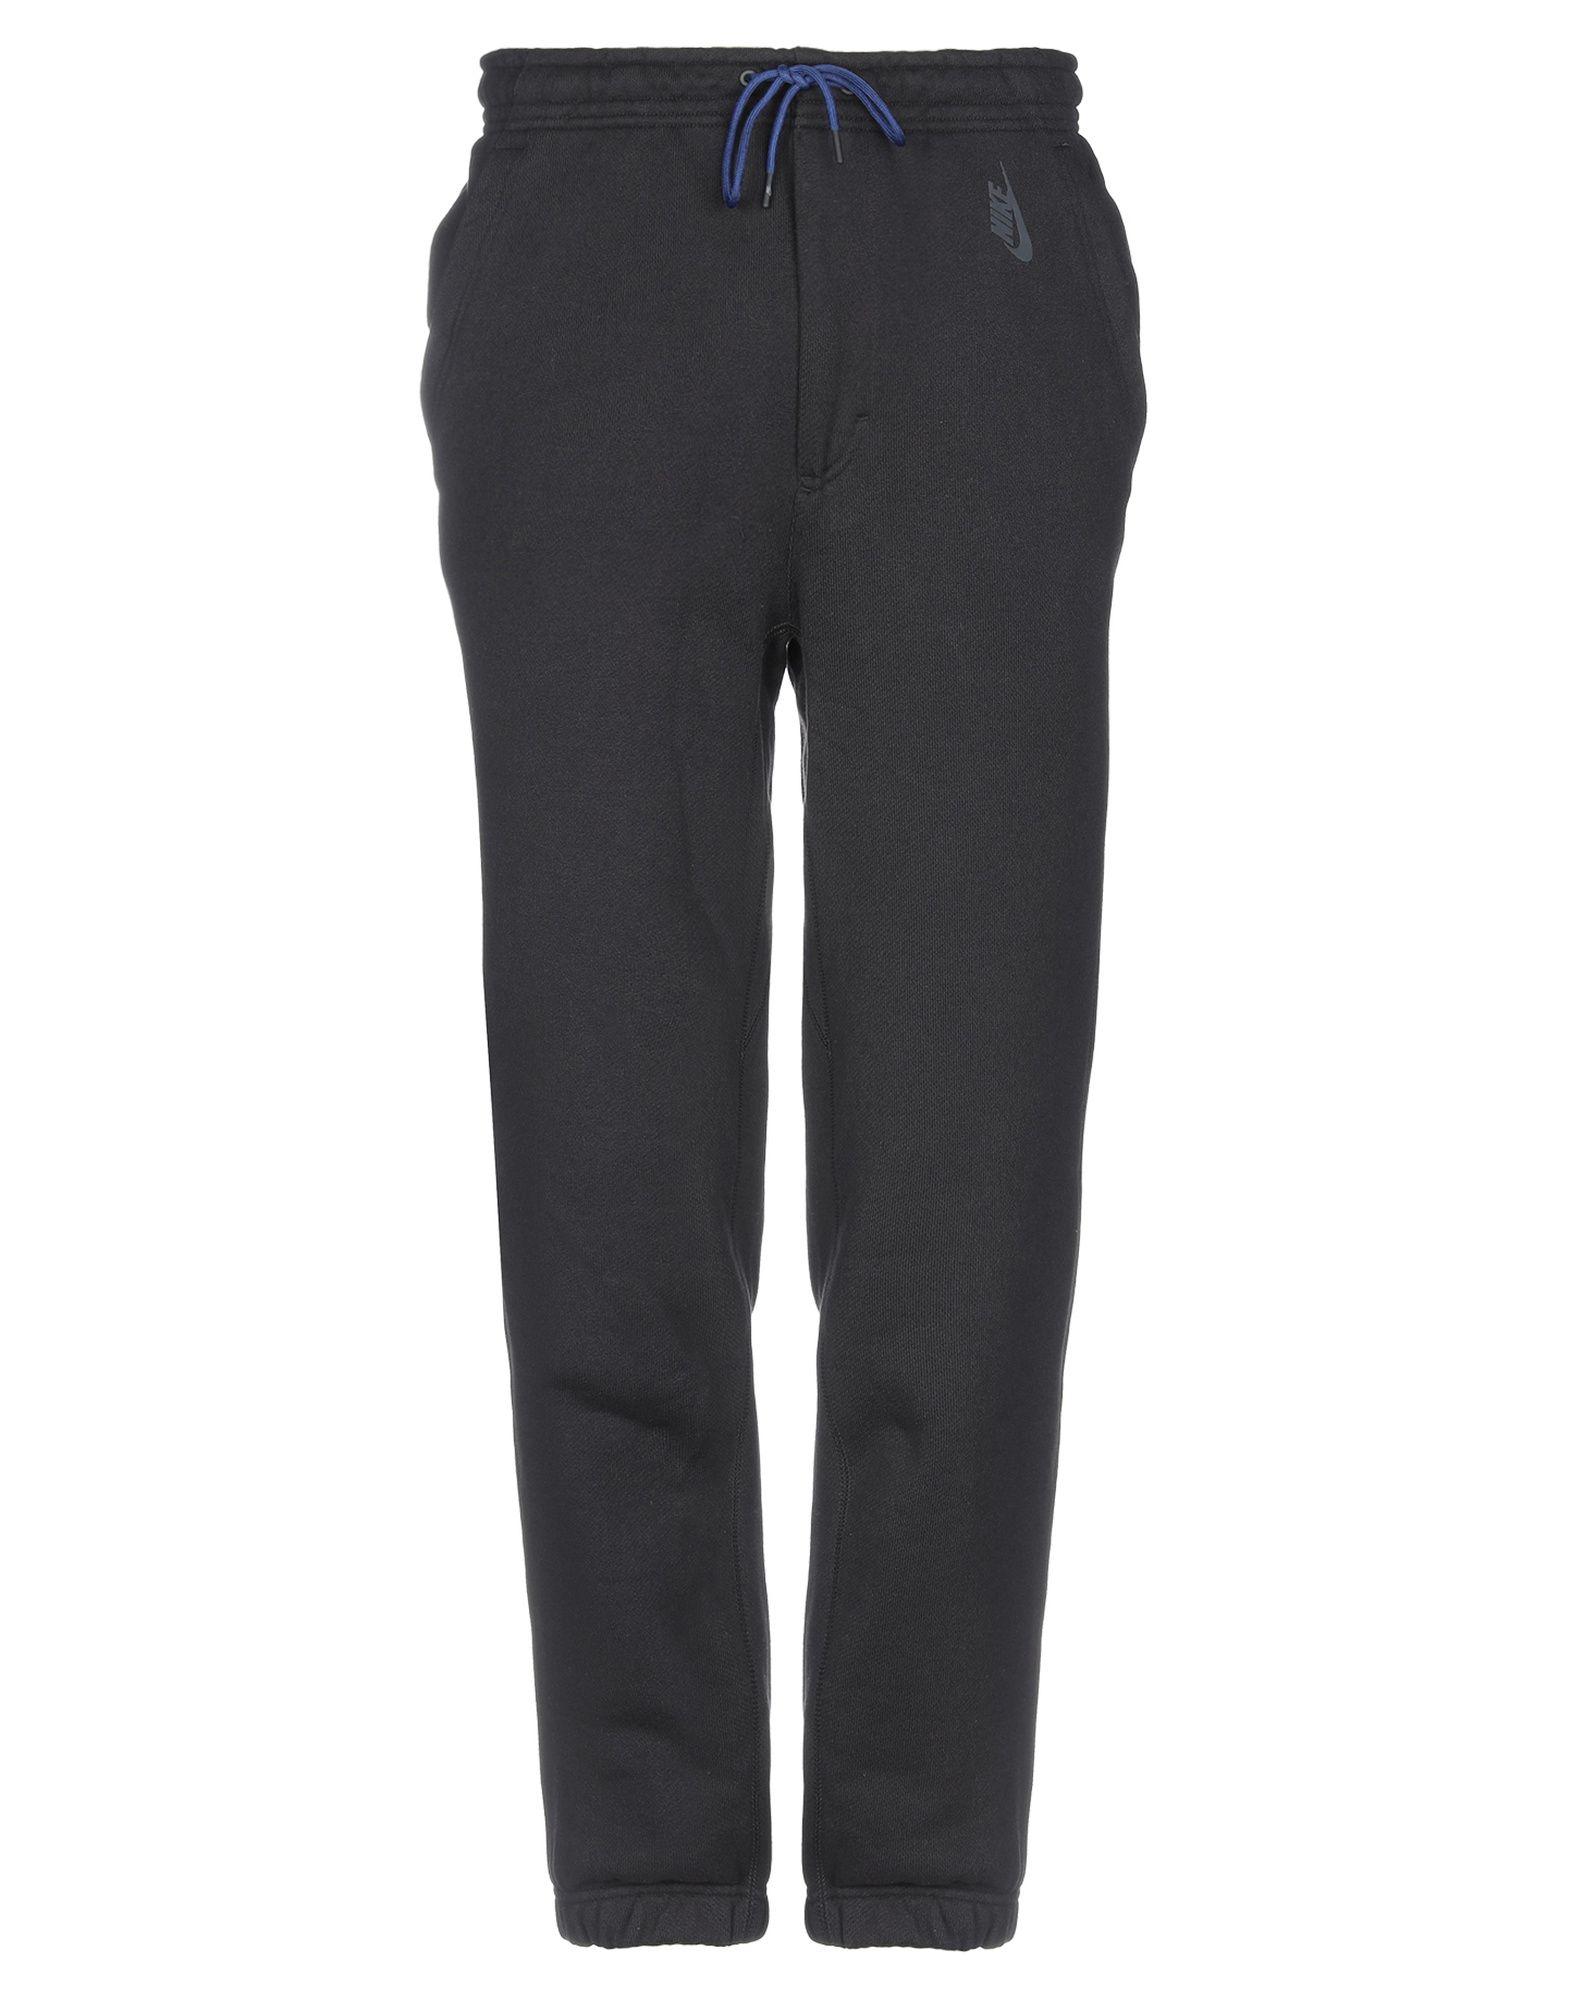 Pantalone Nike uomo - 13342388UW 13342388UW 13342388UW de1